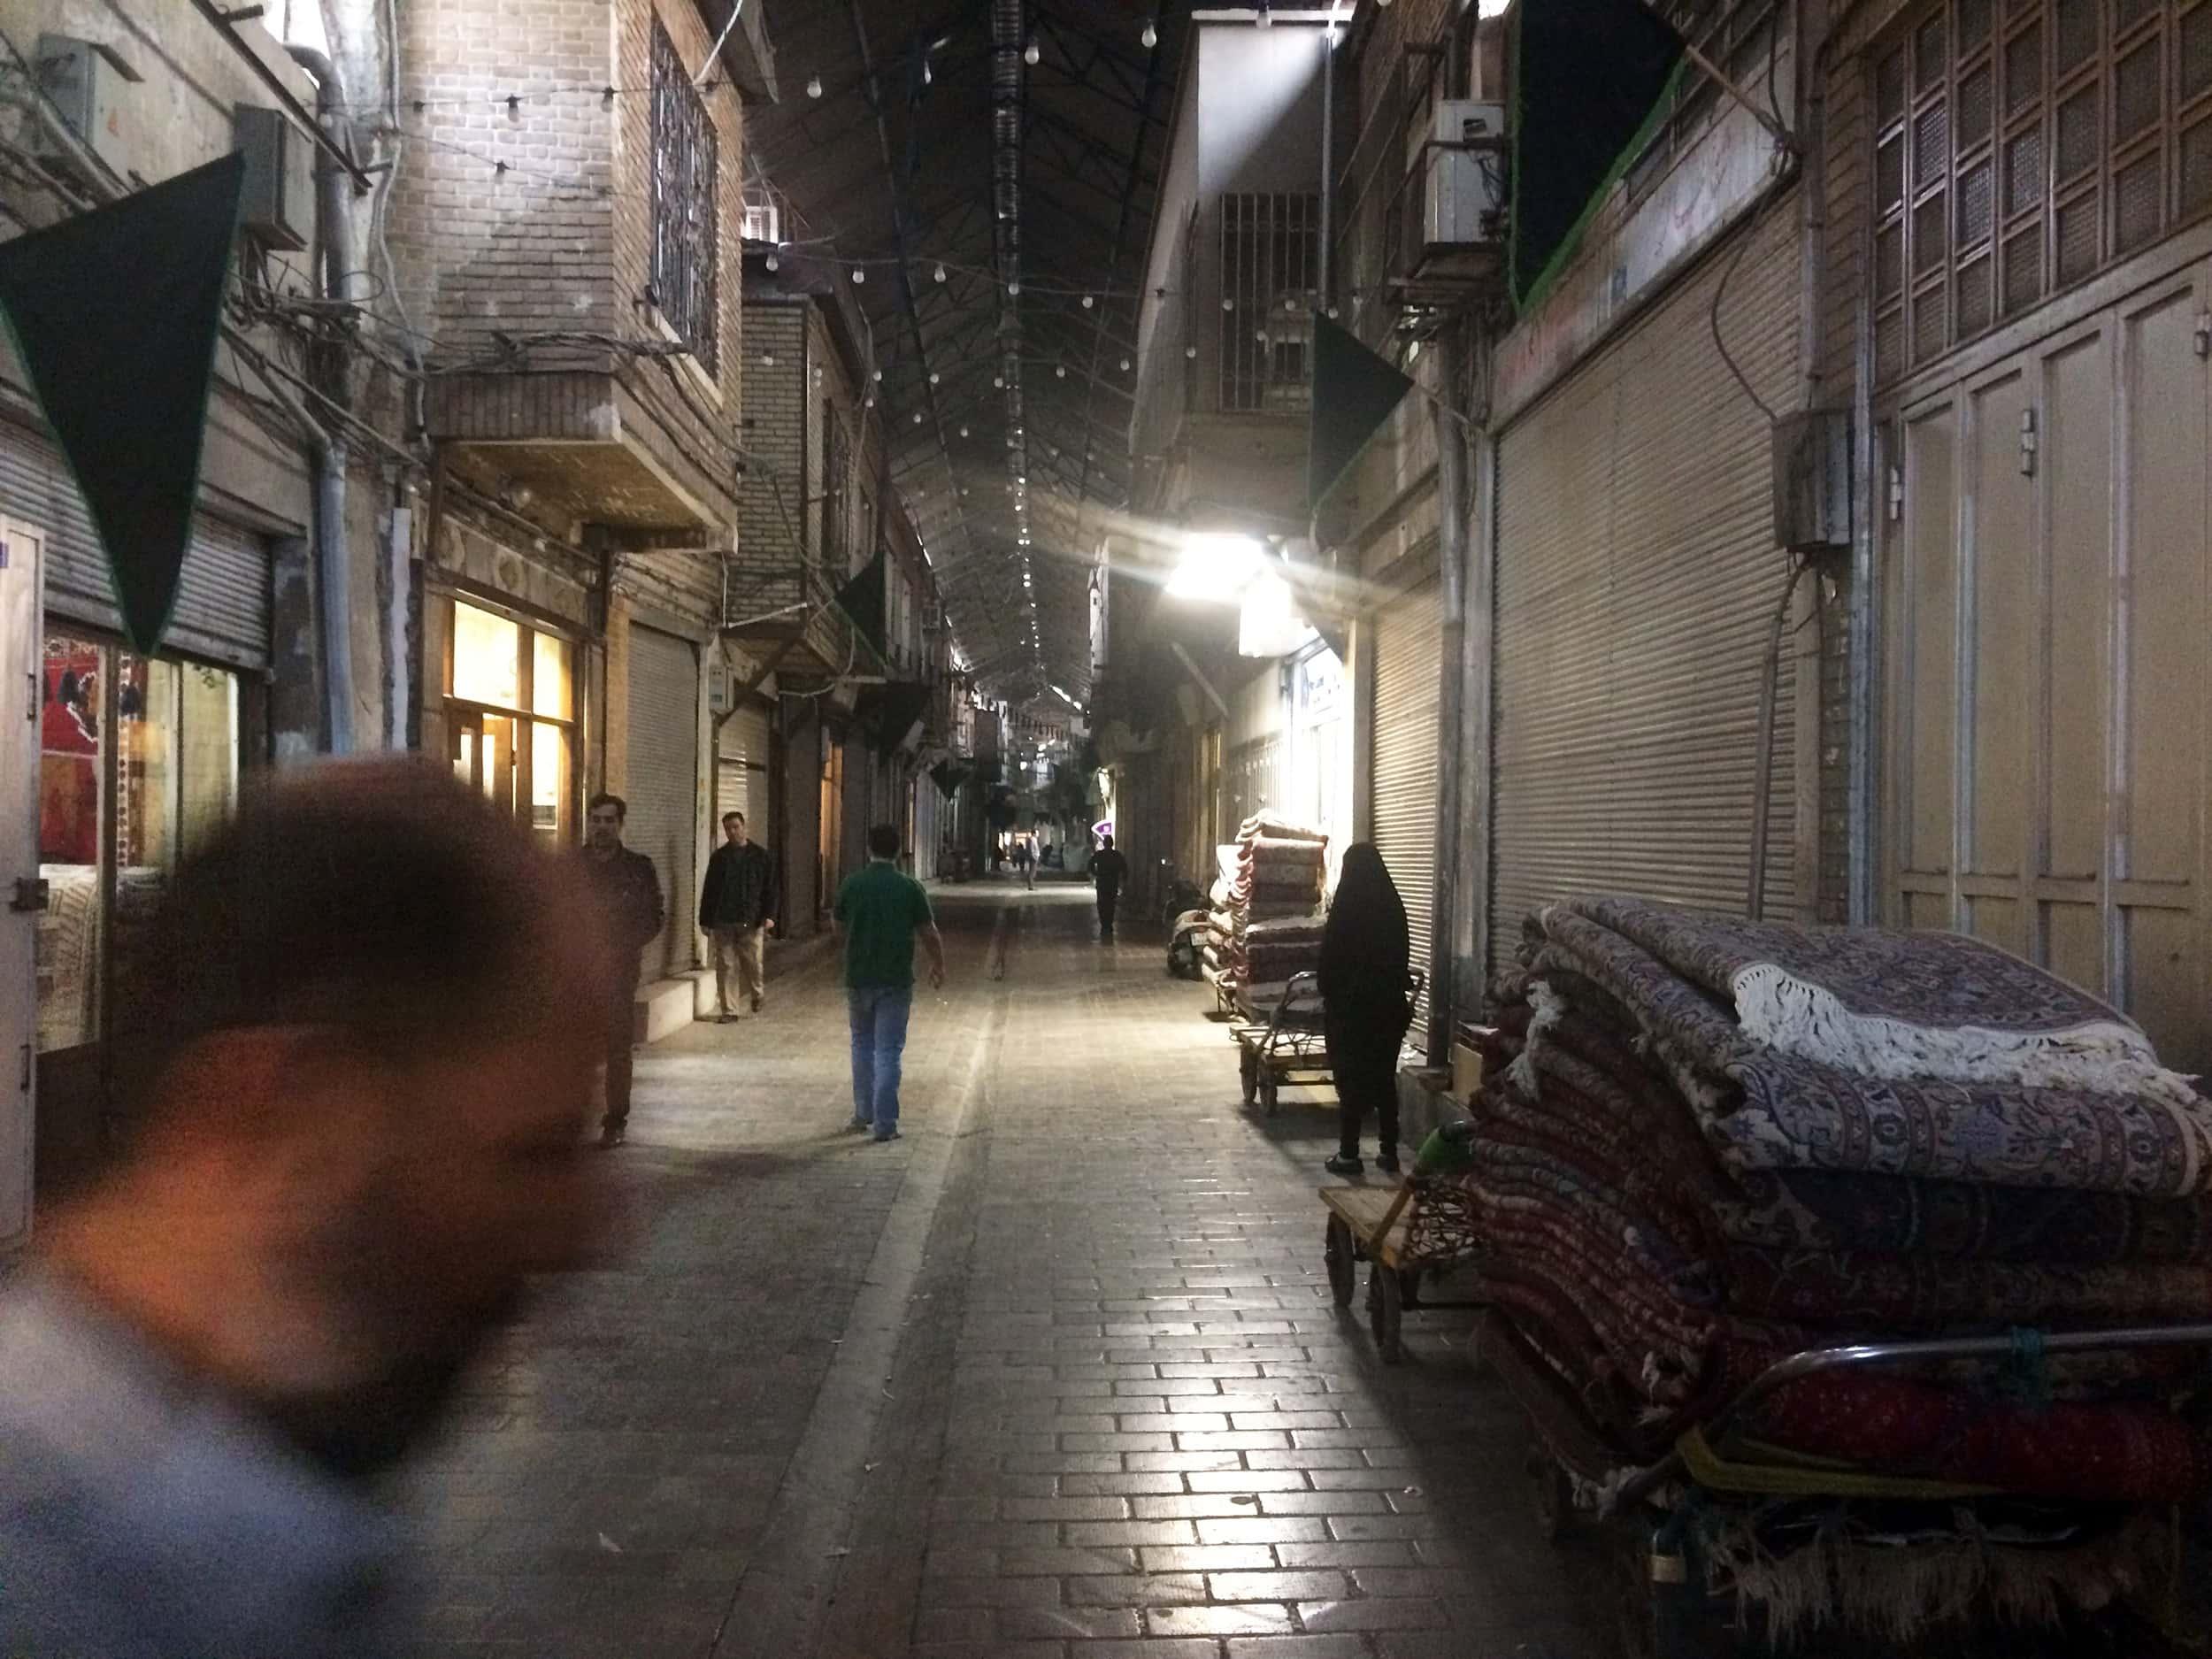 Іран. Базар що закривається. Фото 2